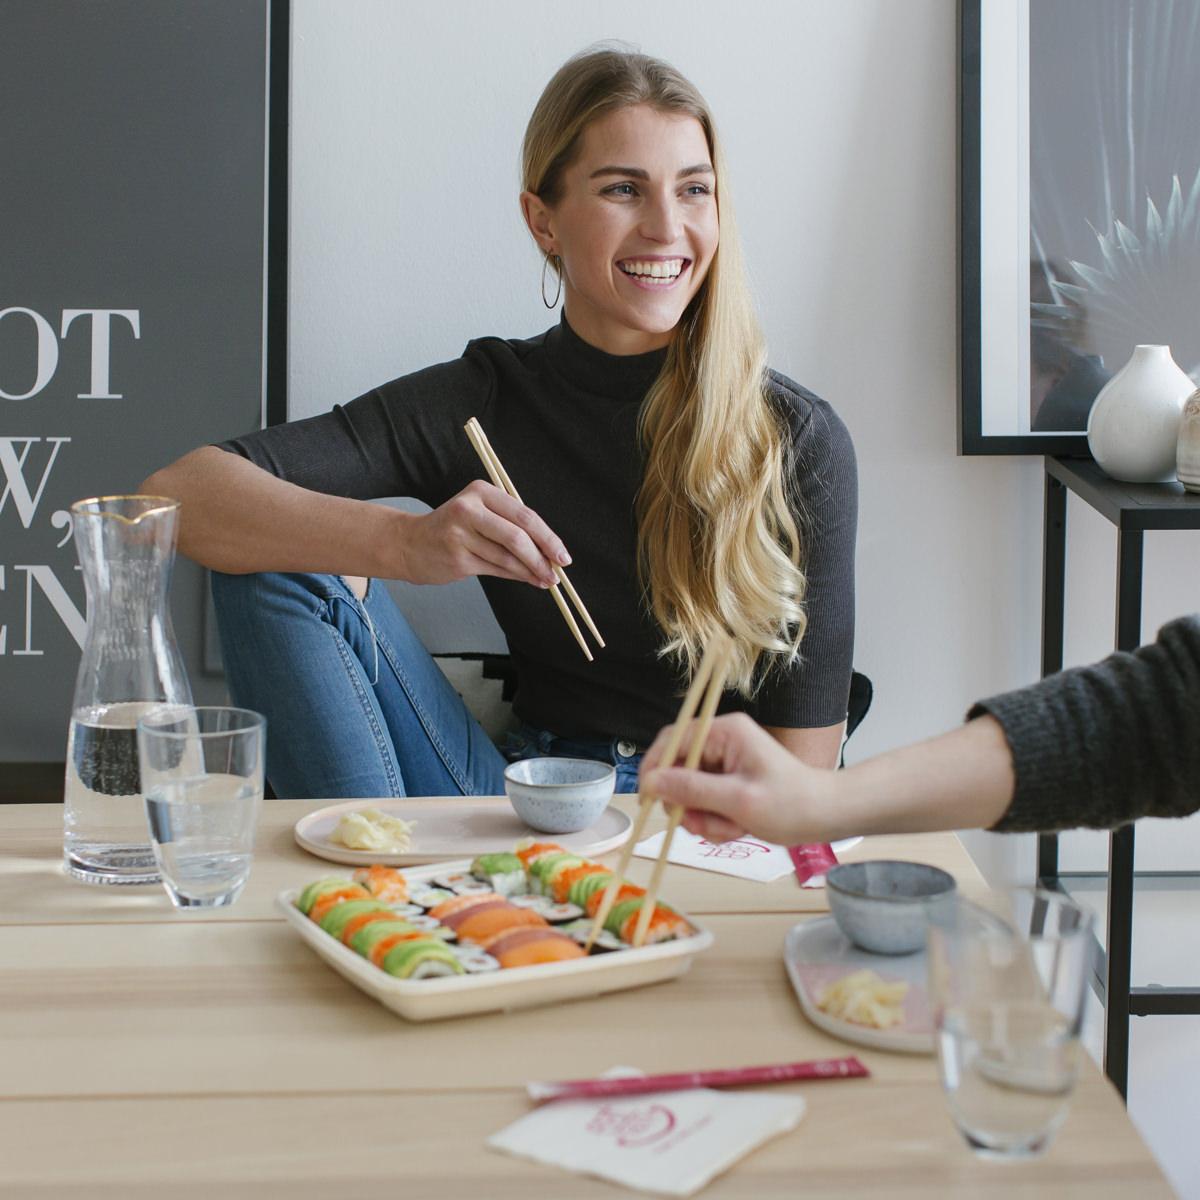 Social Media Content Fotos Köln: 2 Frauen essen gemeinsam Sushi von EatHappy | Foto: Hanna Witte